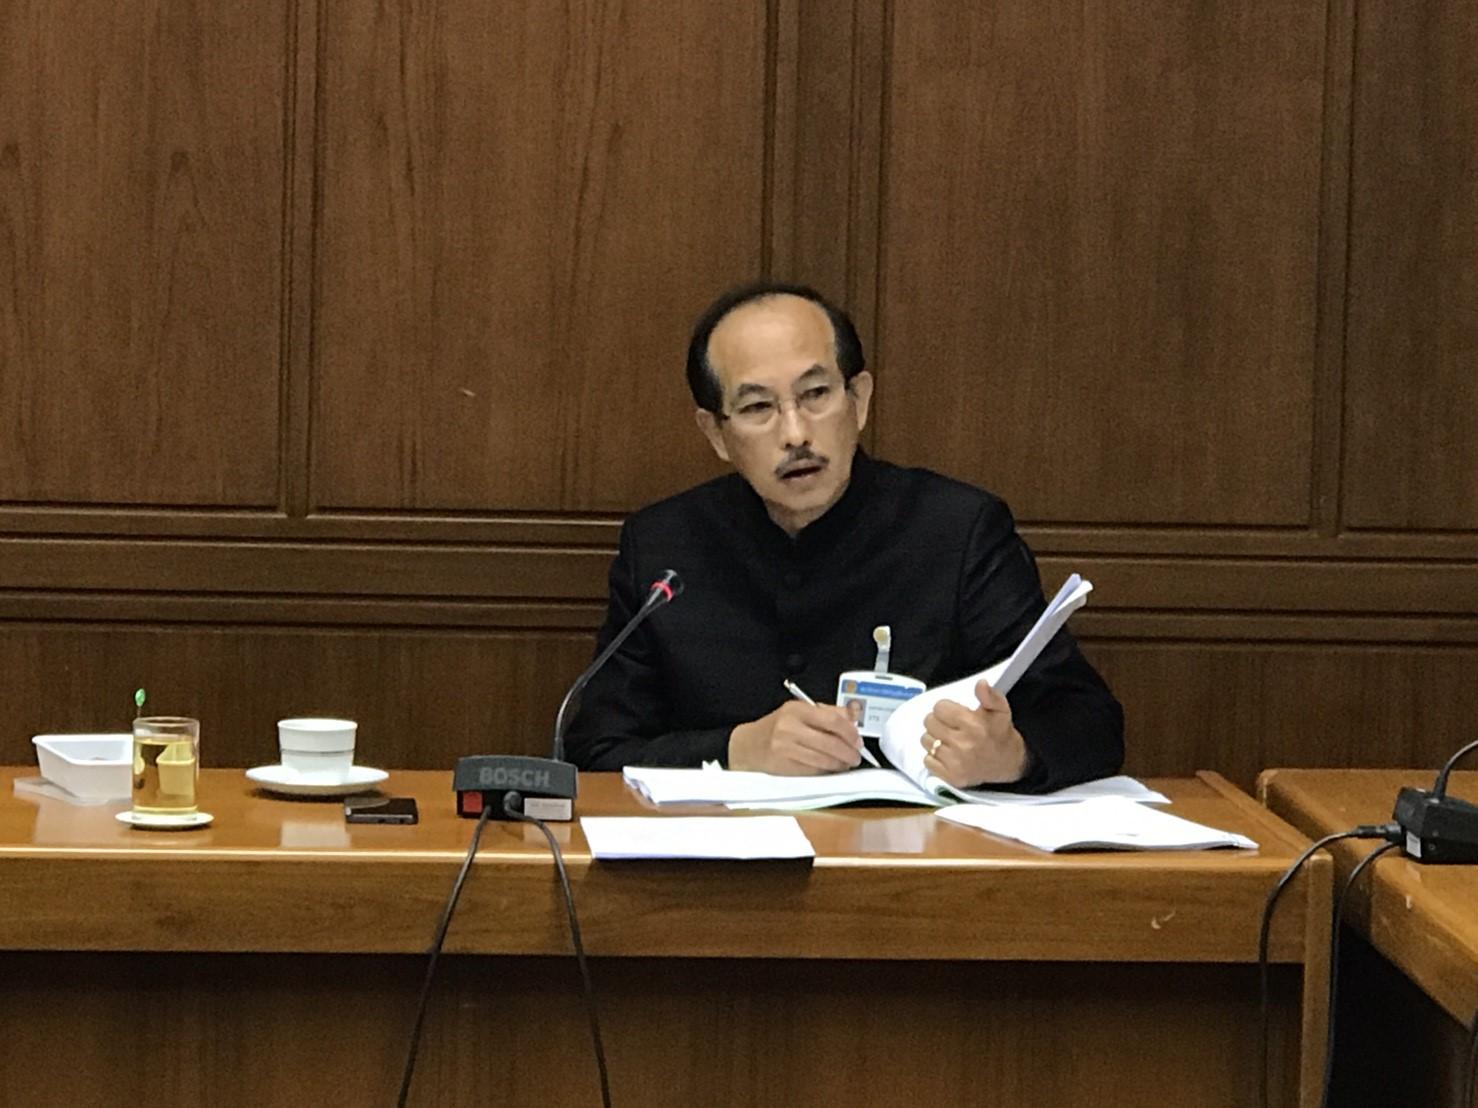 การประชุมคณะทำงานร่างพระราชบัญญัติการจัดซื้อจัดจ้างและการบริหารพัสดุภาครัฐ พ.ศ. … ครั้งที่ 2/2560